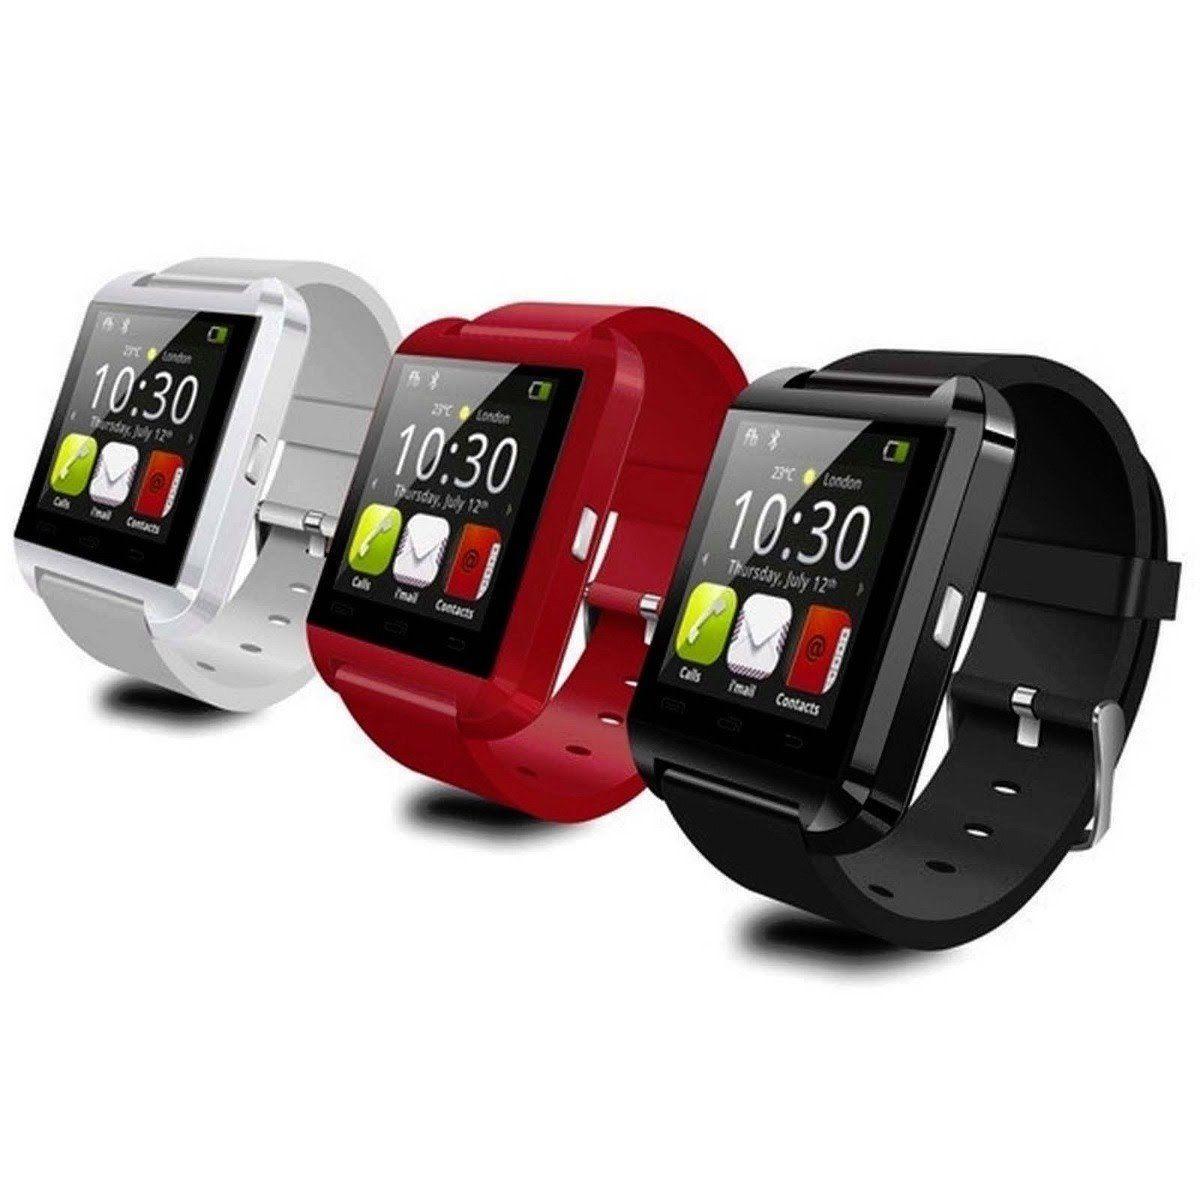 الأصلي بلوتوث u8 smartwatch ساعات المعصم شاشة اللمس ل i7 s8 الروبوت الهاتف النوم مراقب الذكية ووتش مع حزمة البيع بالتجزئة